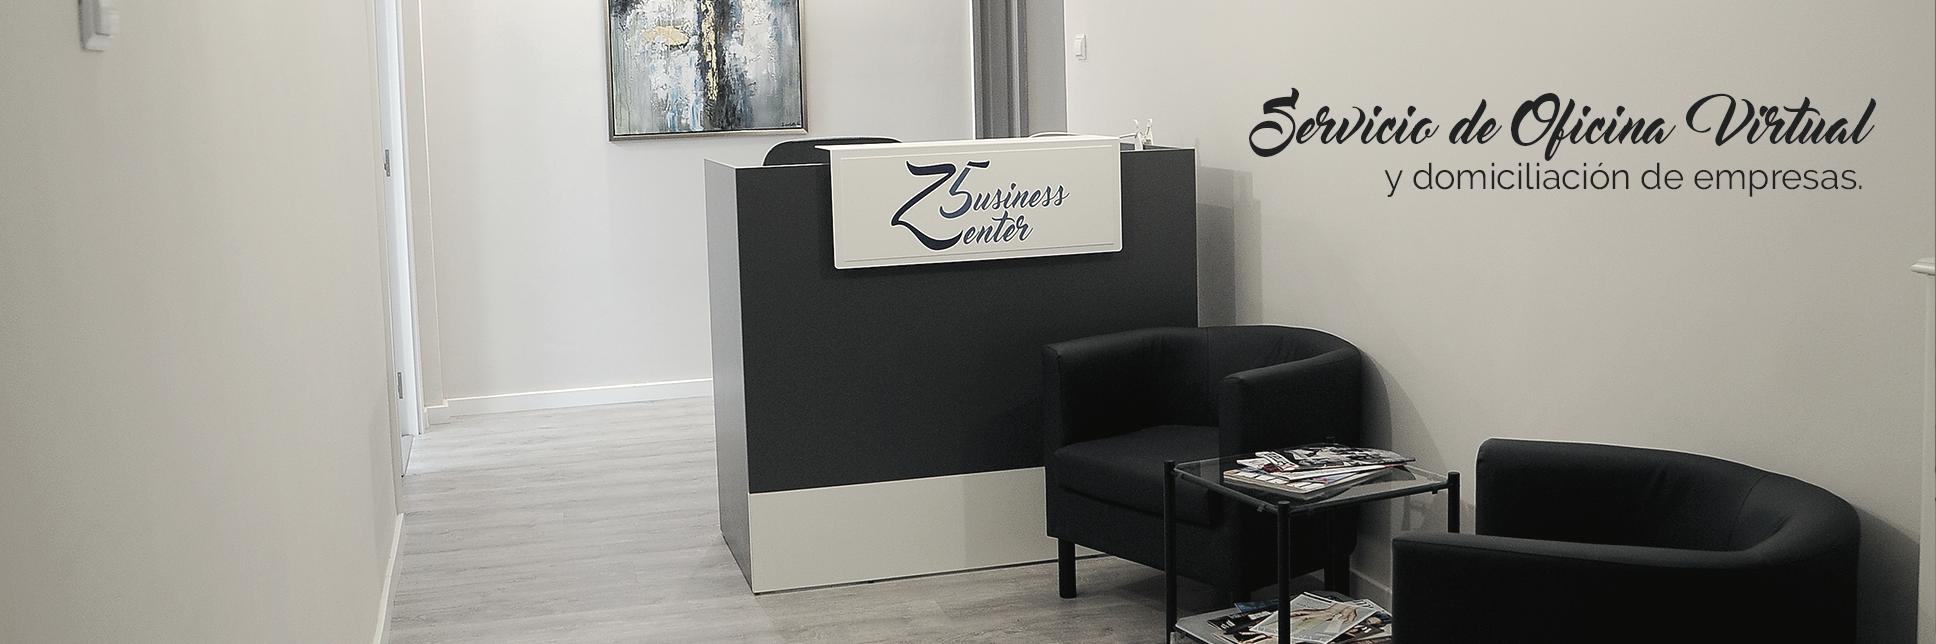 Servicio de oficina virtual y domiciliación de empresas